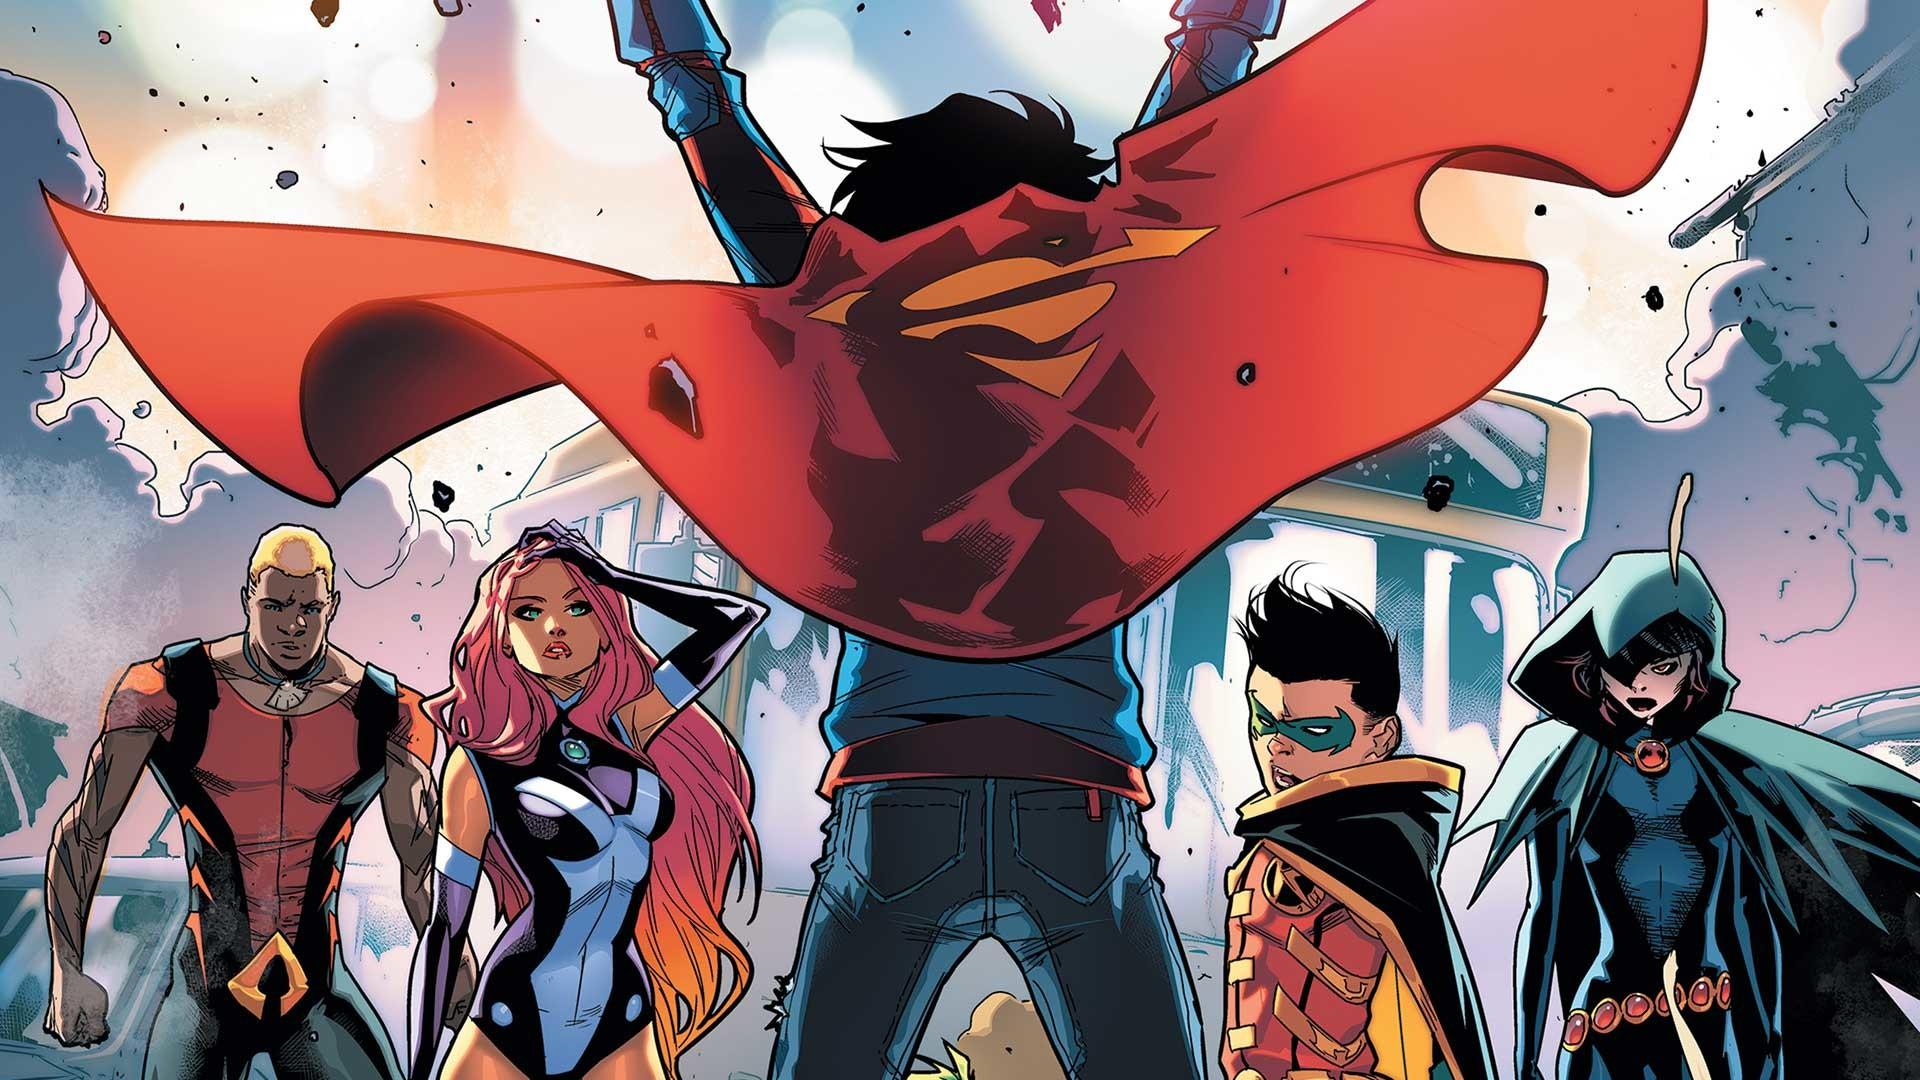 Superman Super Girl Super Boy Wallpaper Raven Teen Titans Dc Comics Wallpaper 73 Images